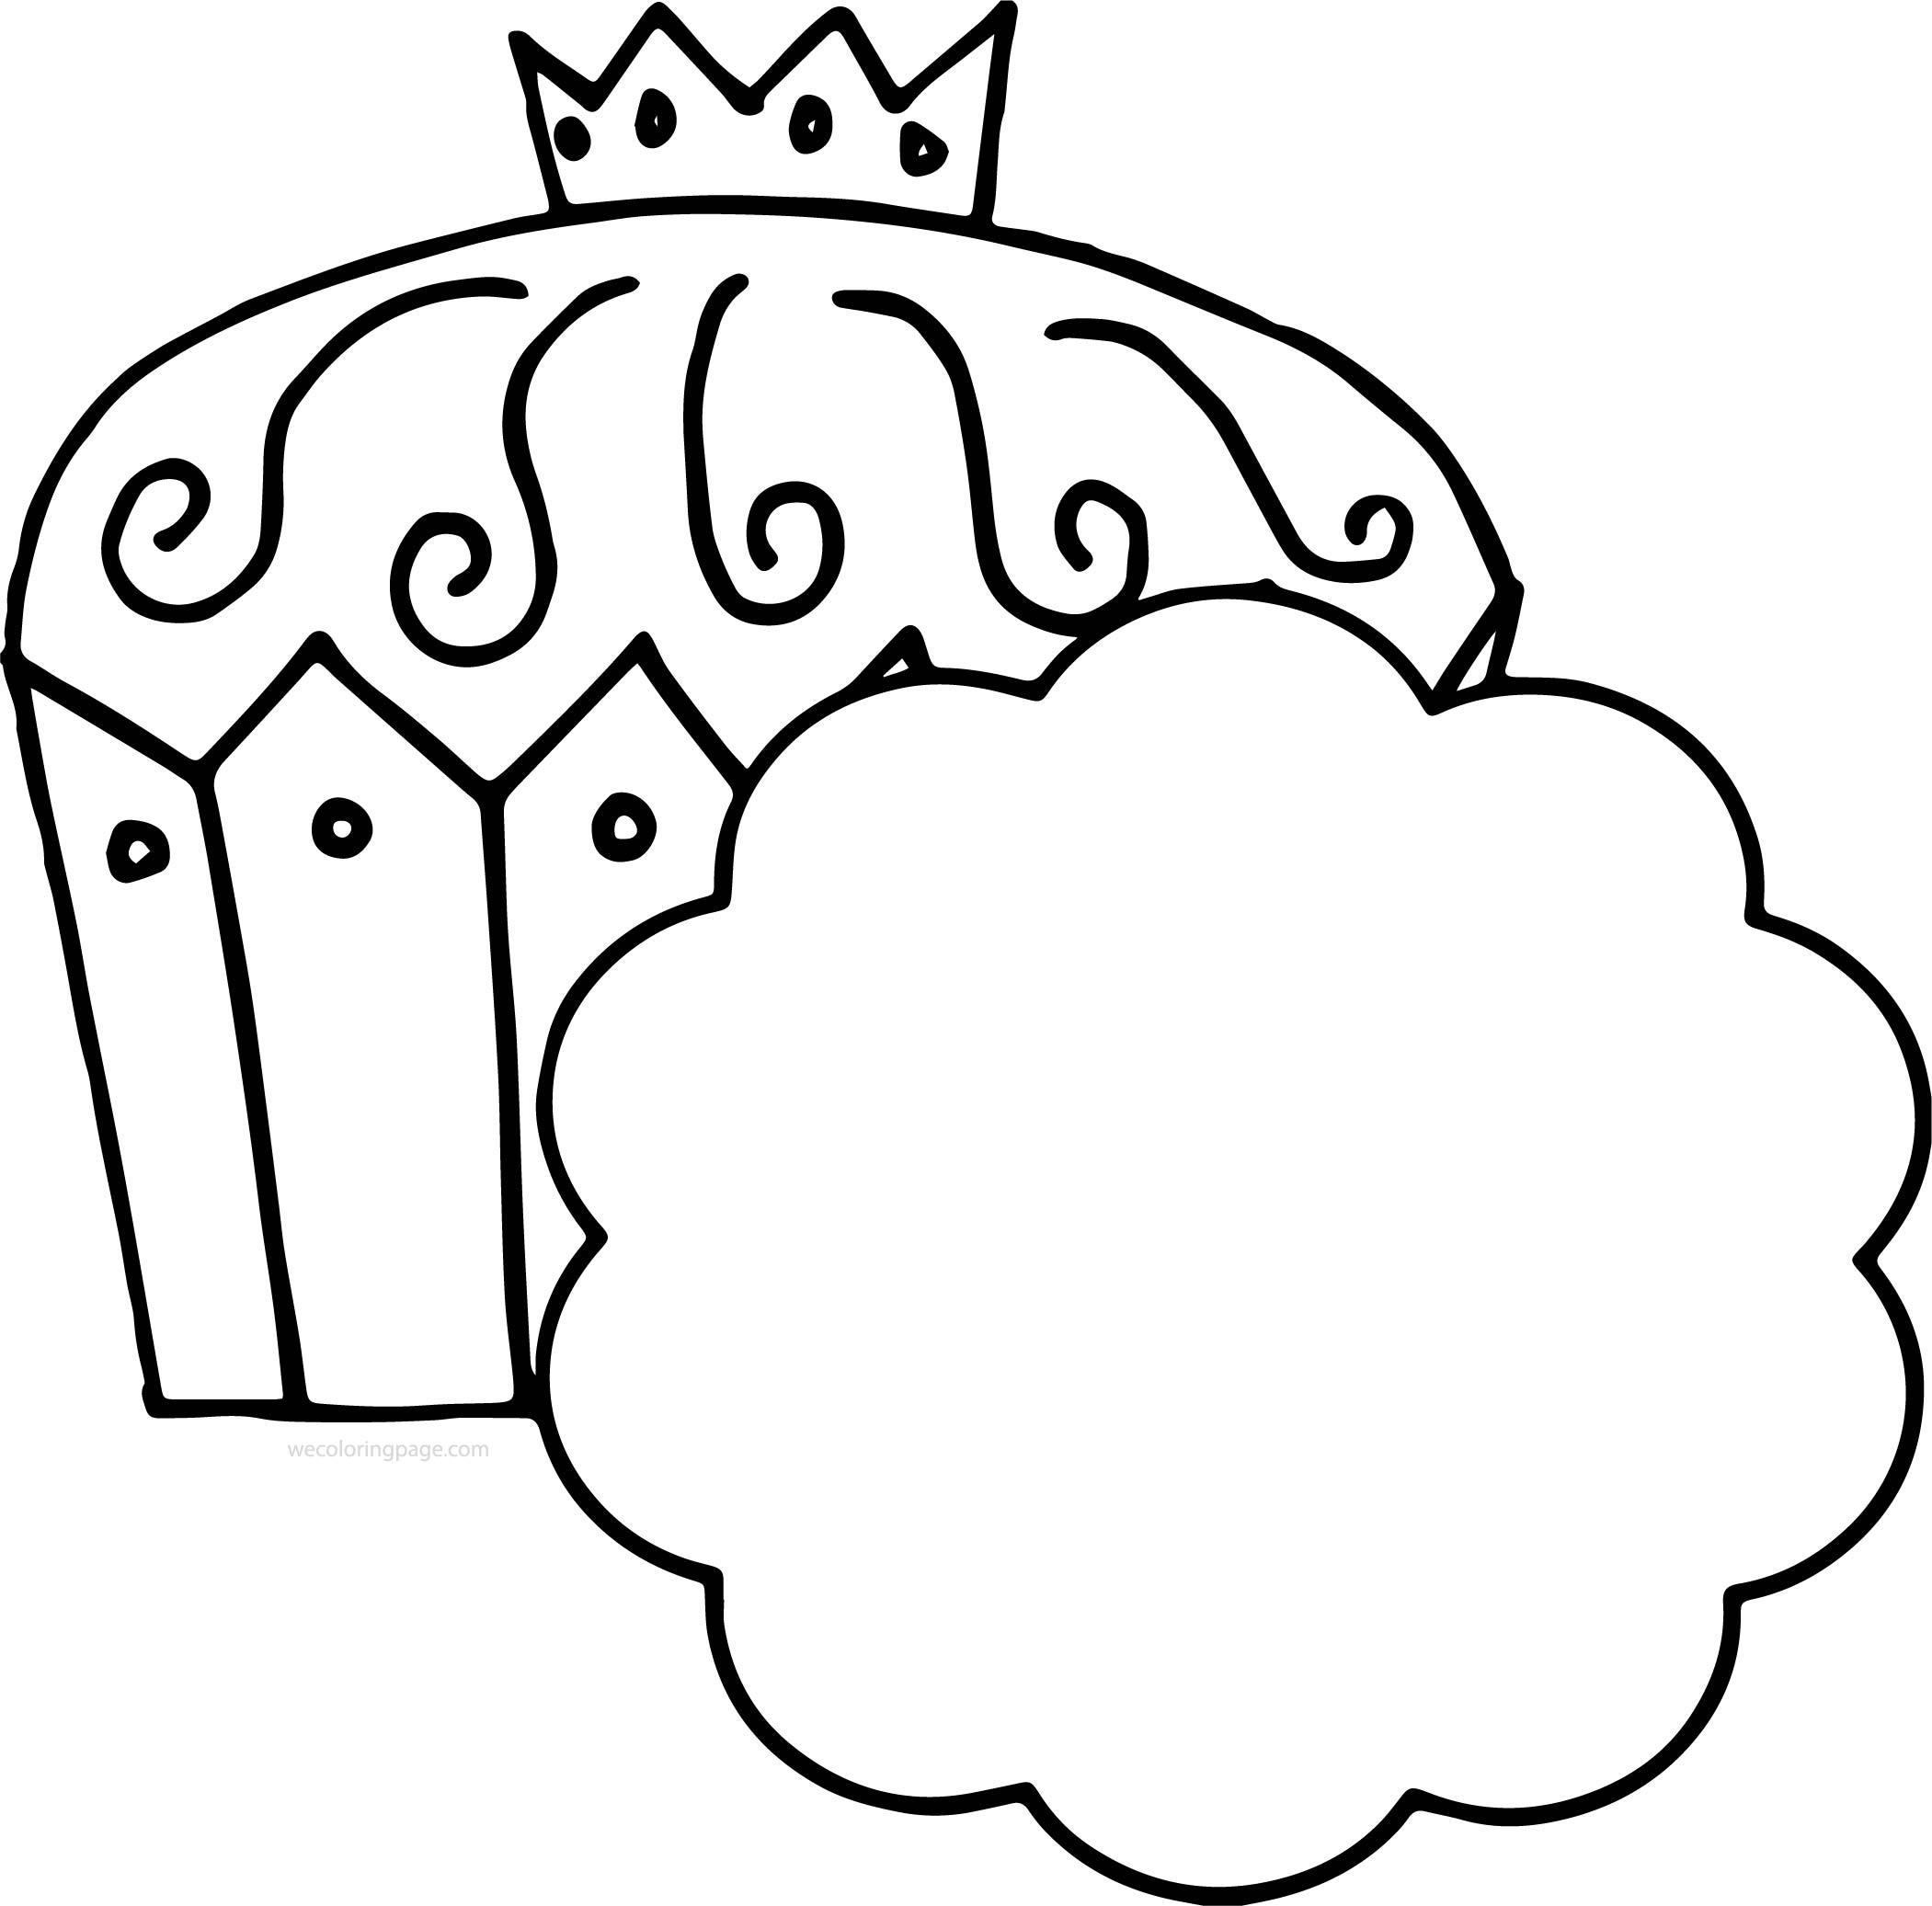 King Cupcake Black White Image Free Coloring Page